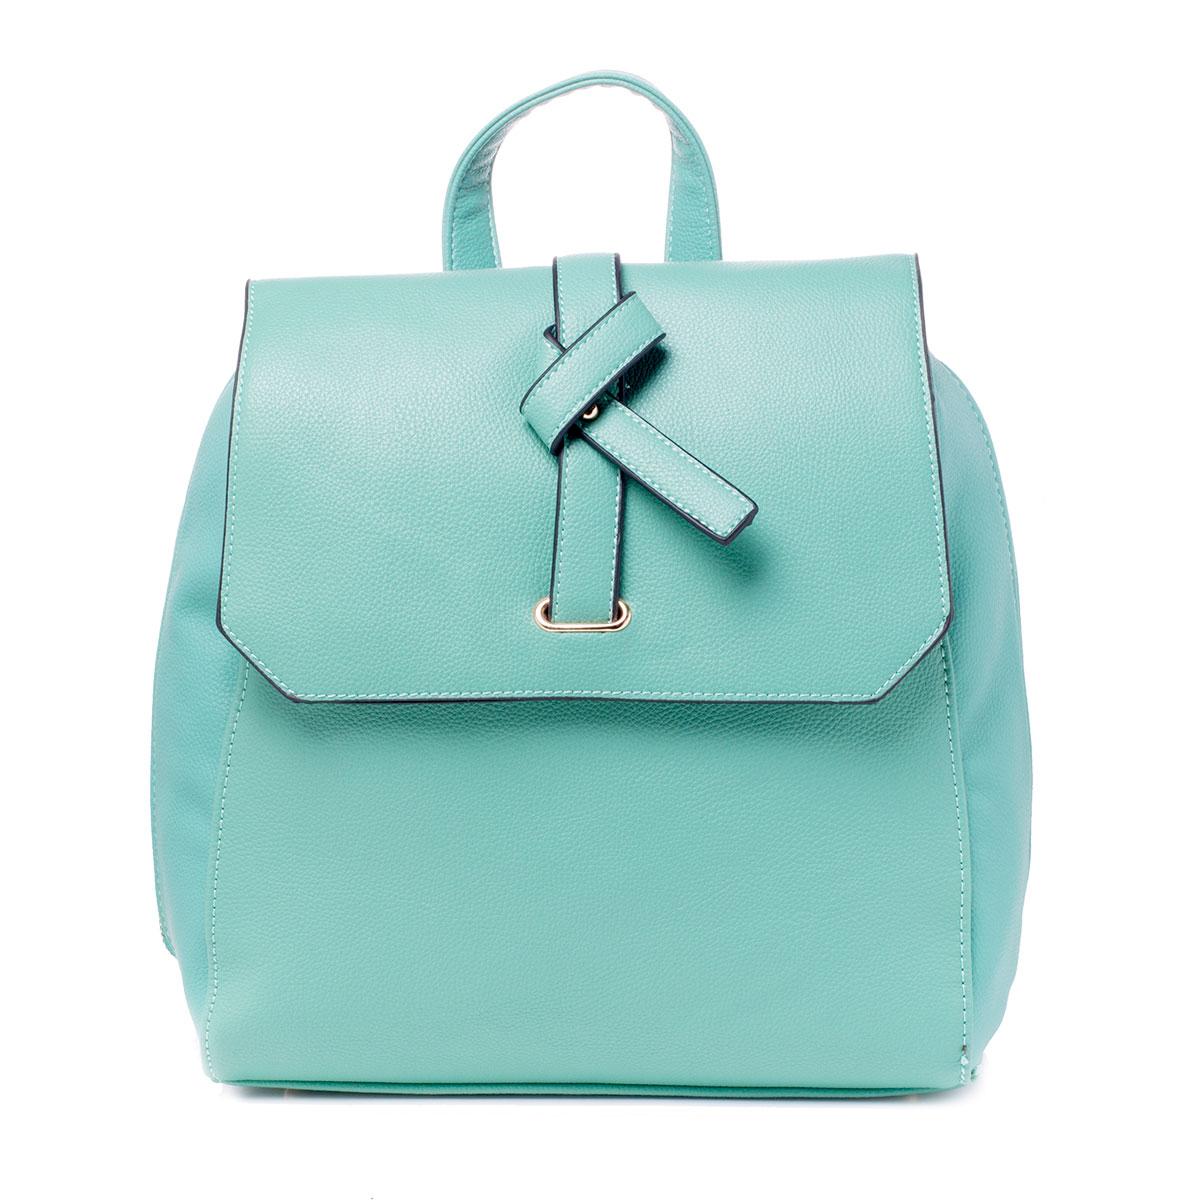 """Сумка-рюкзак женская """"Baggini"""", цвет: бирюзовый. 29793/52"""